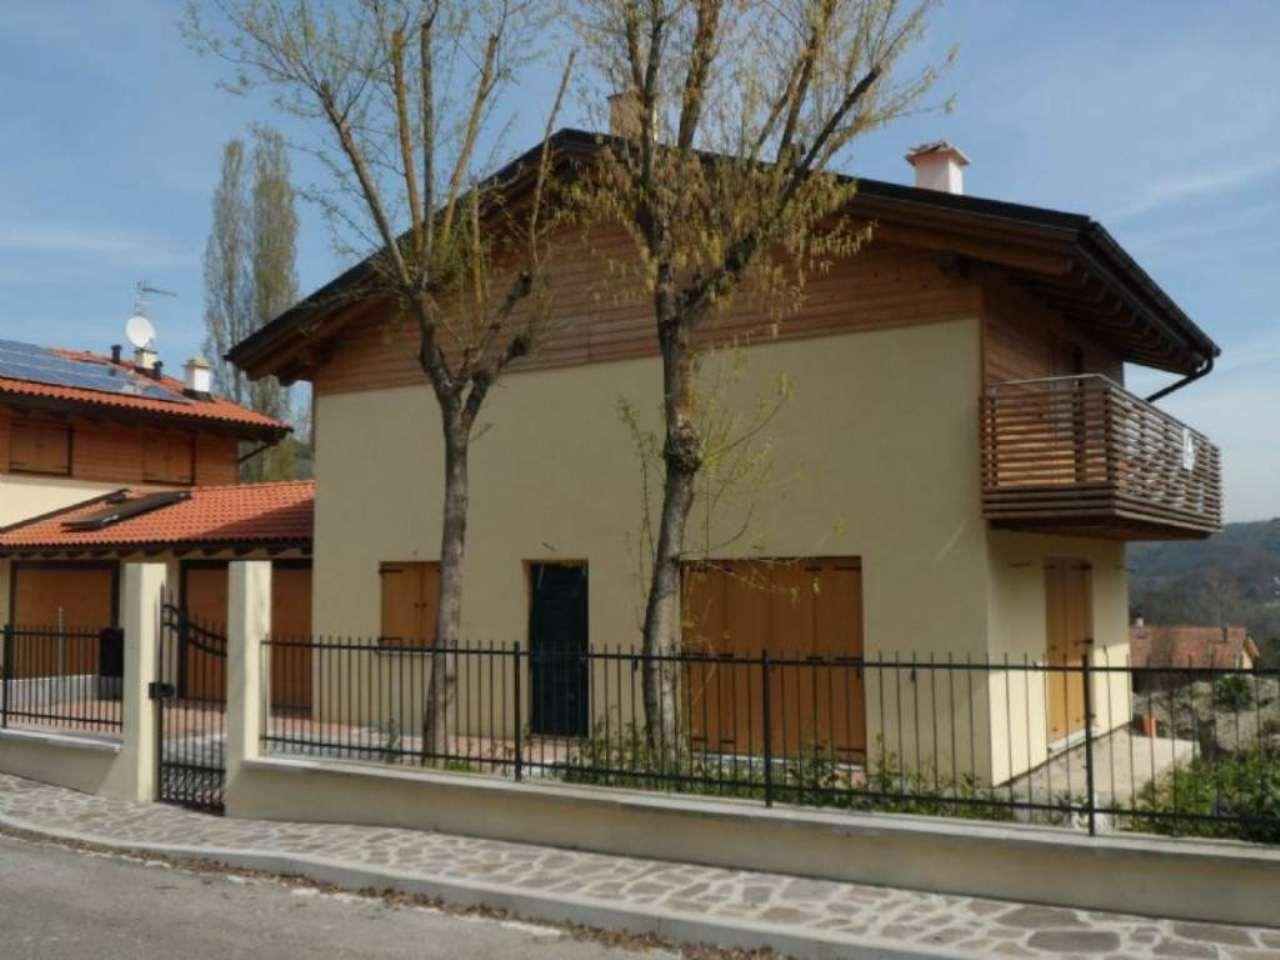 Soluzione Indipendente in vendita a Monte San Pietro, 5 locali, prezzo € 285.000 | CambioCasa.it